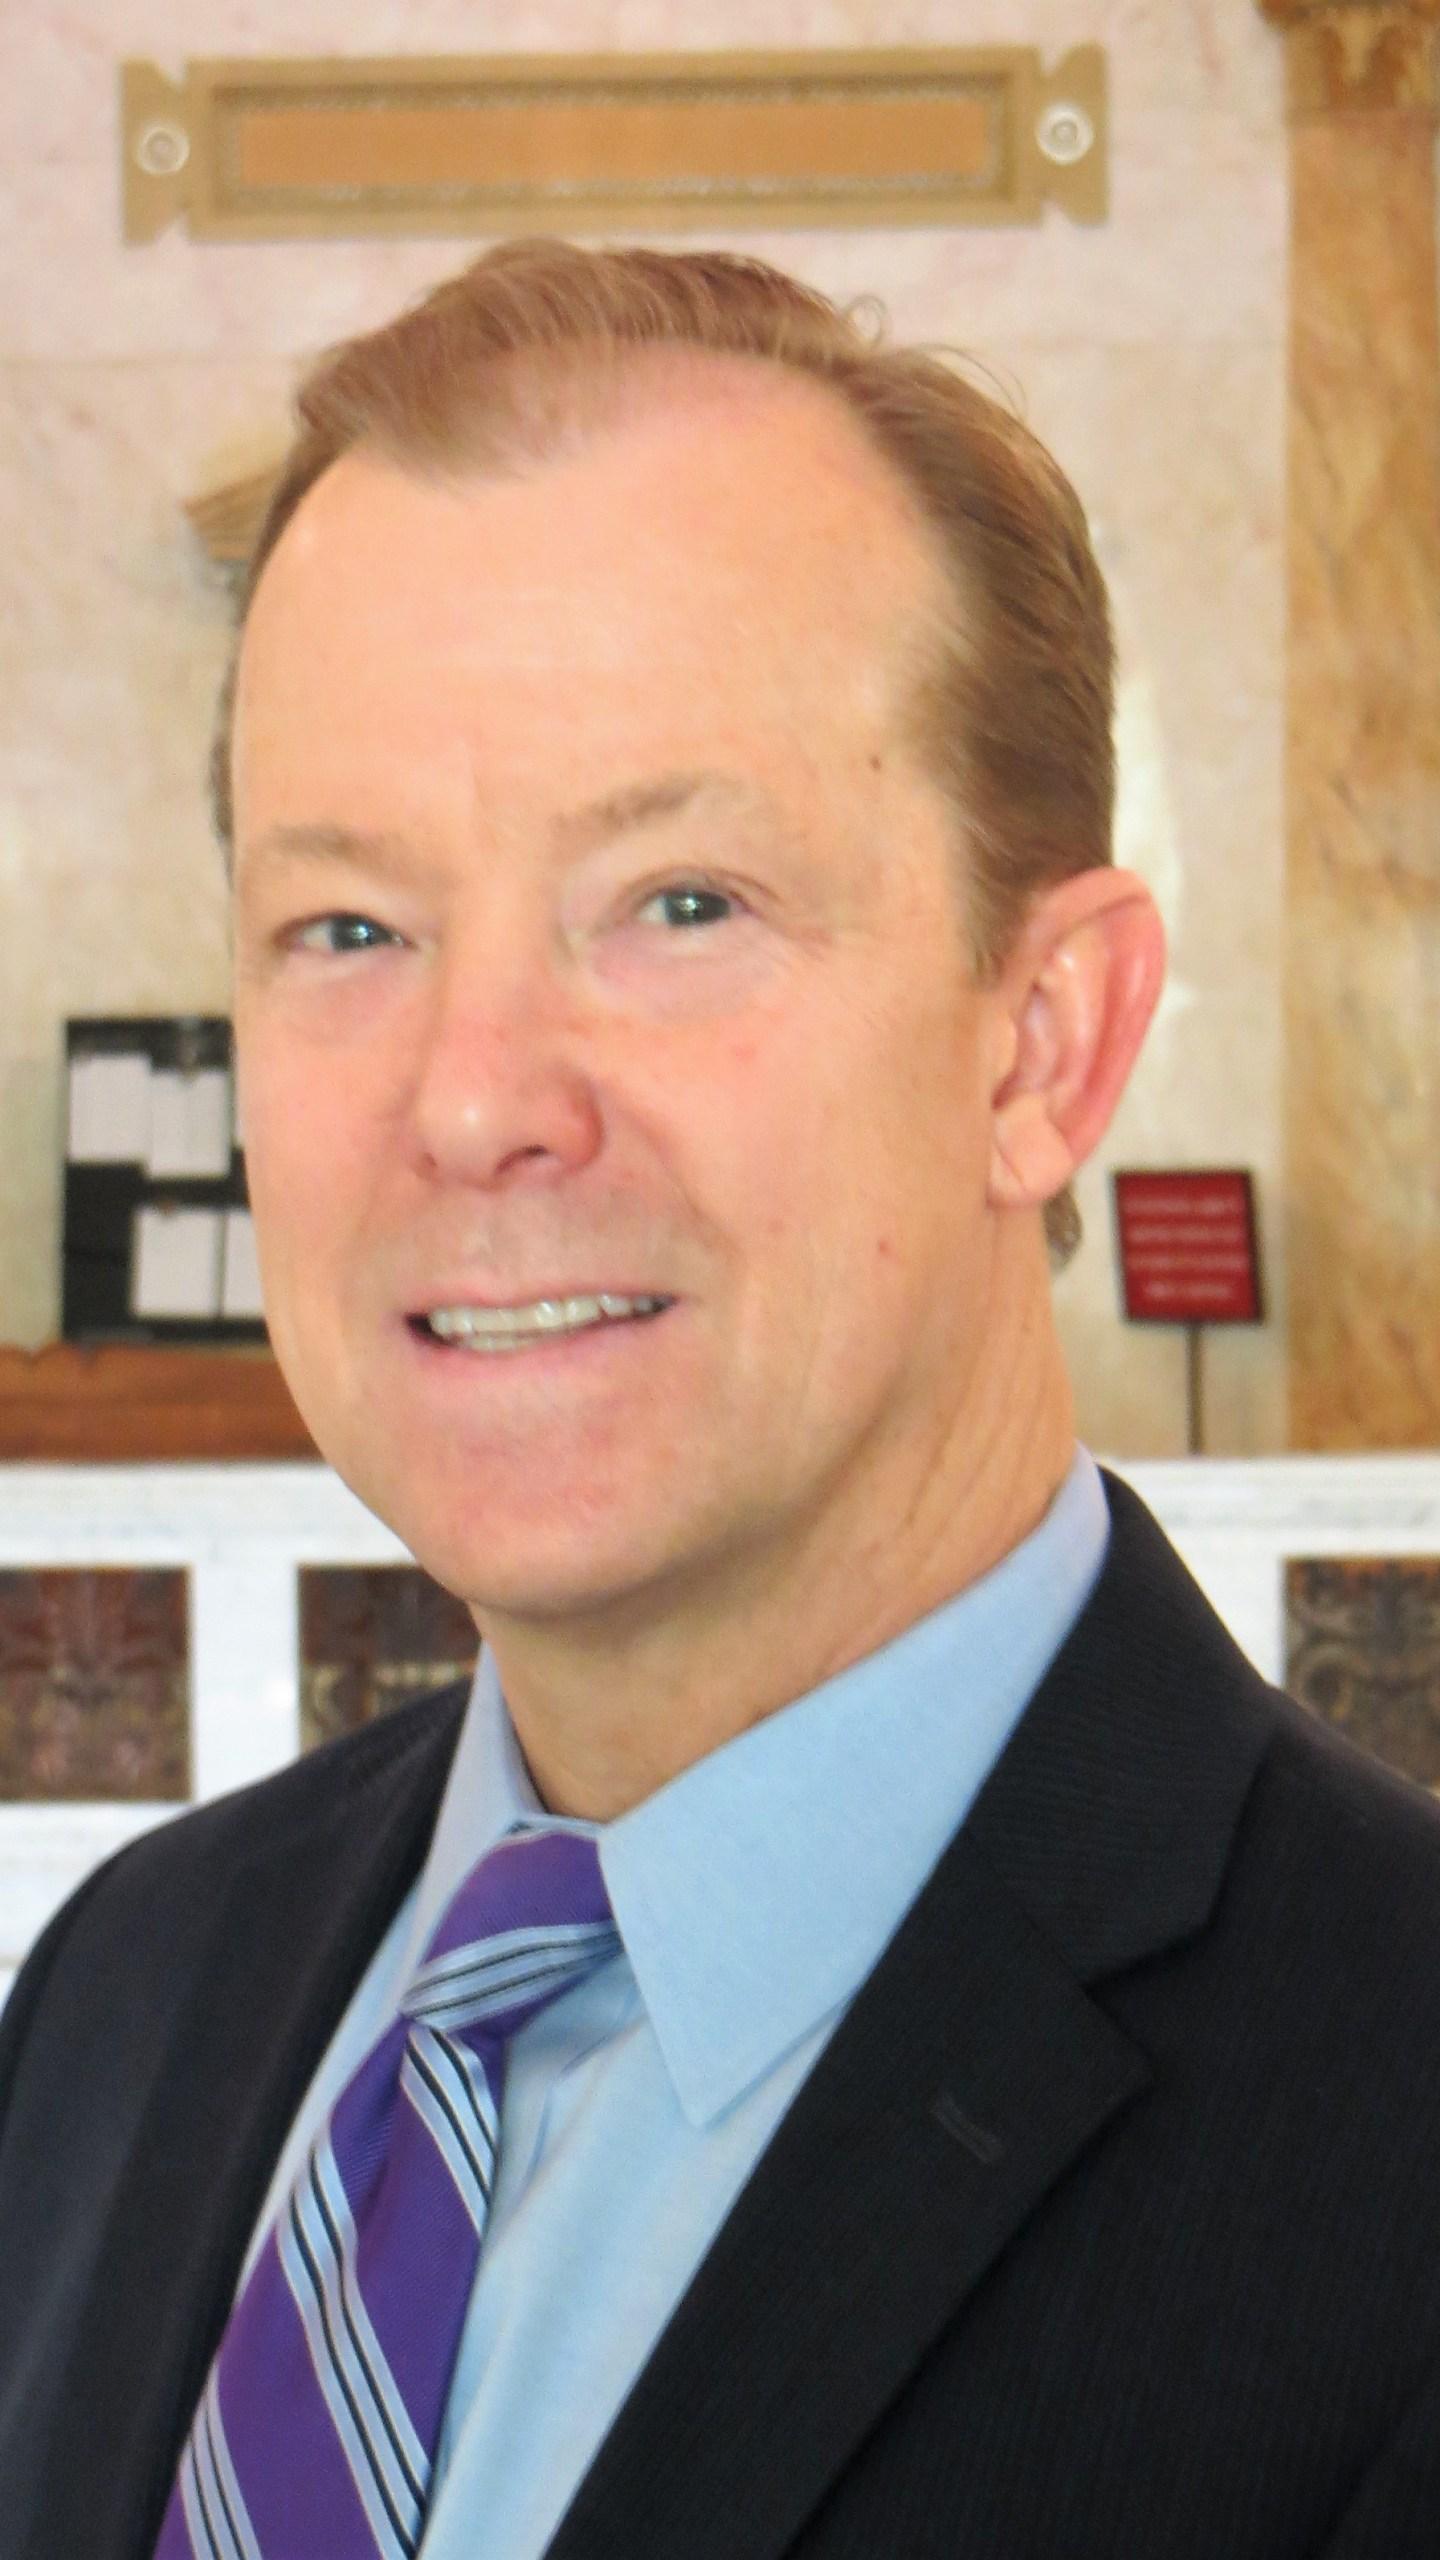 Steve Godfrey